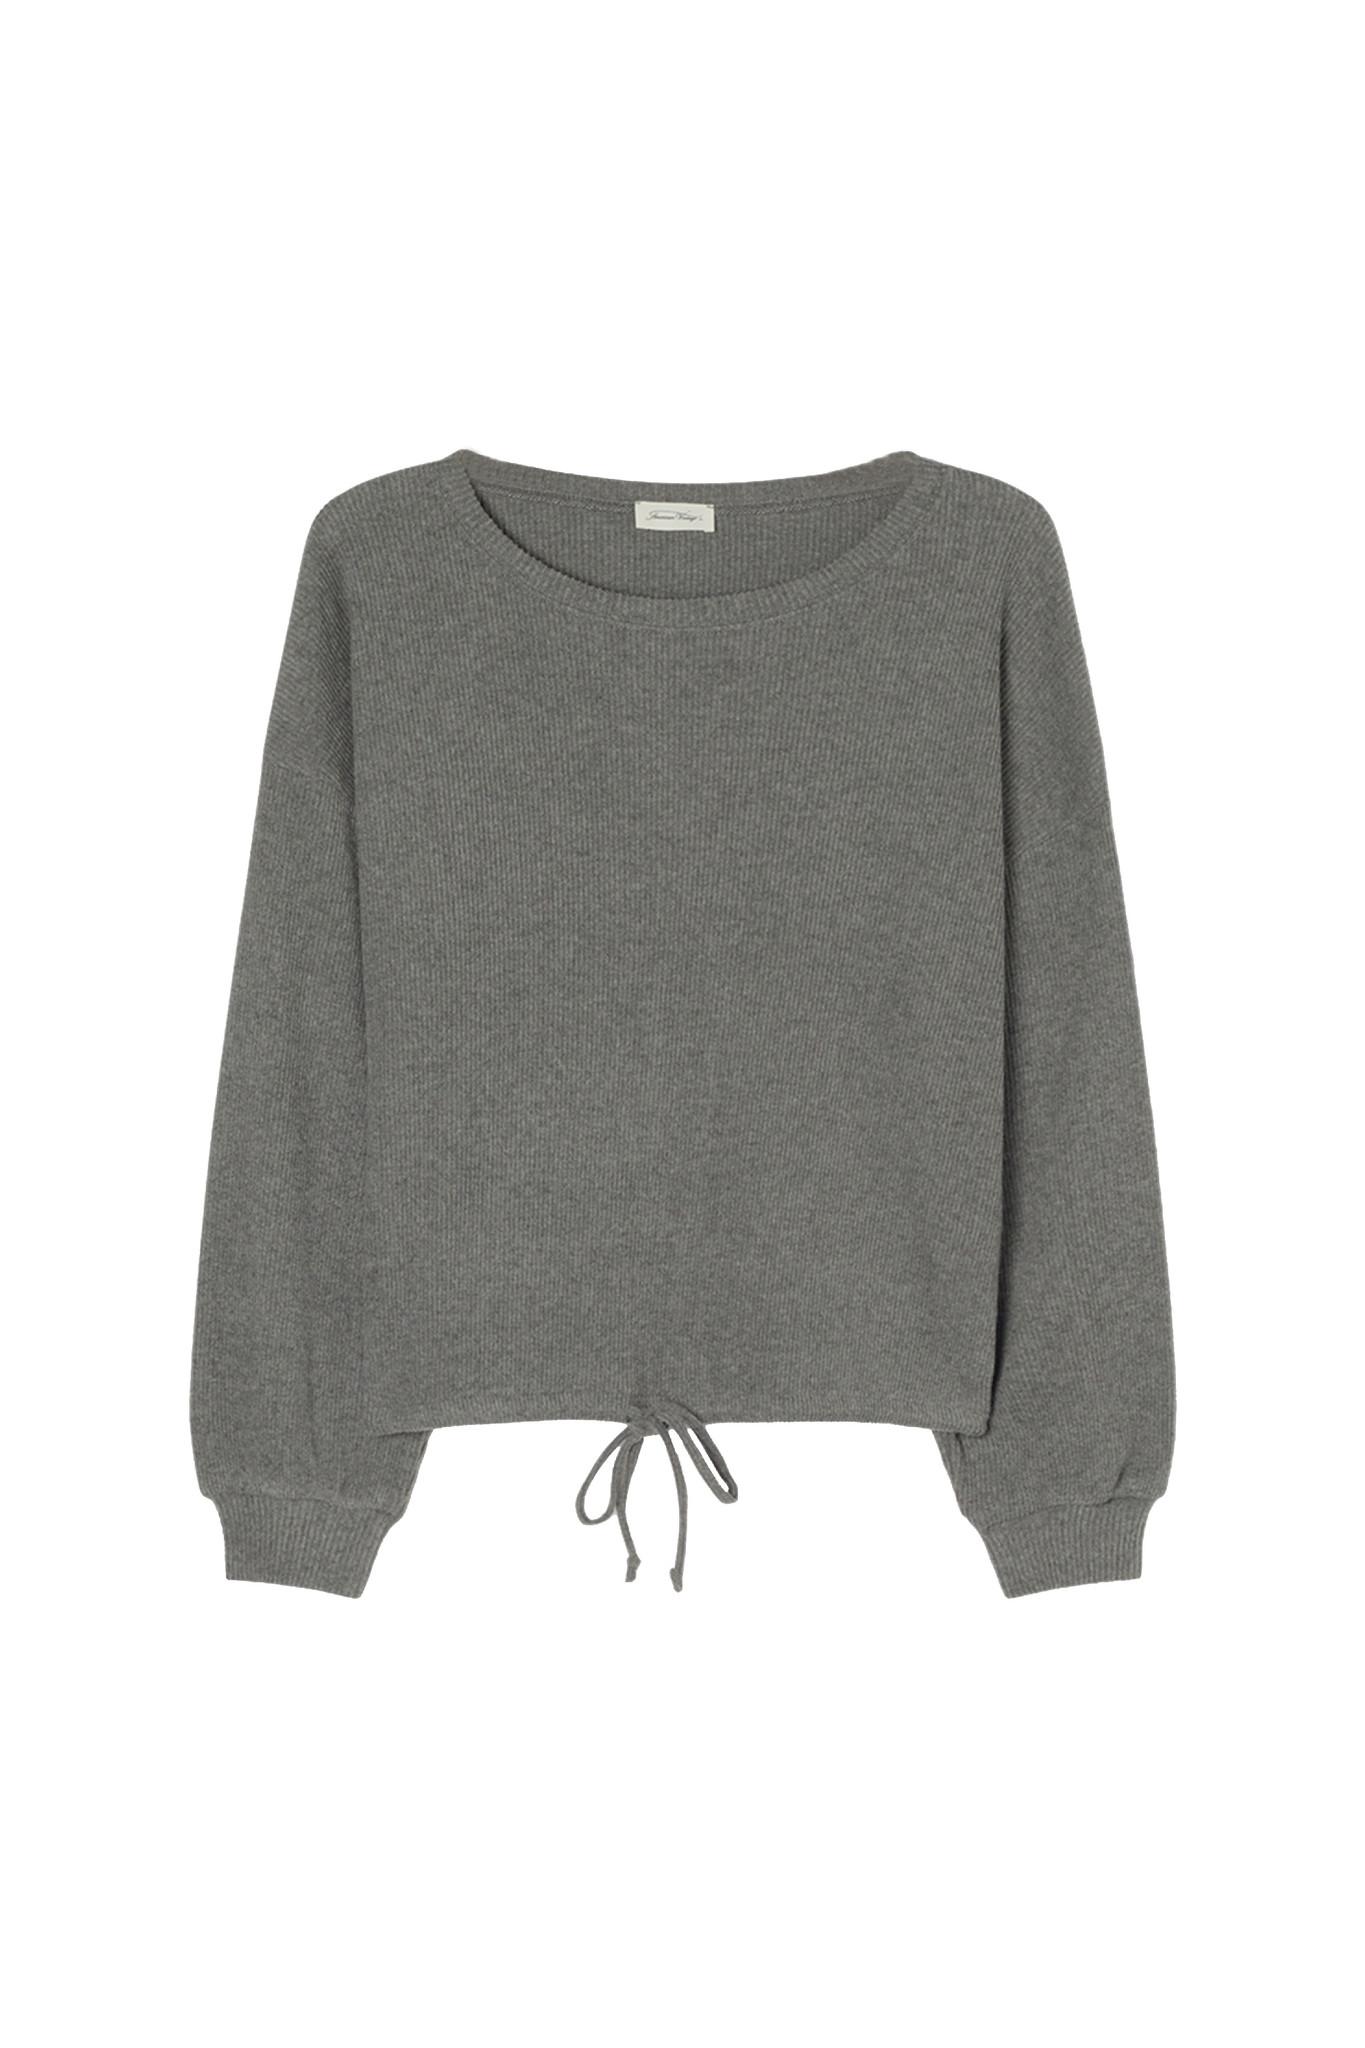 Riricake Sweater - Anthracite Chine-1